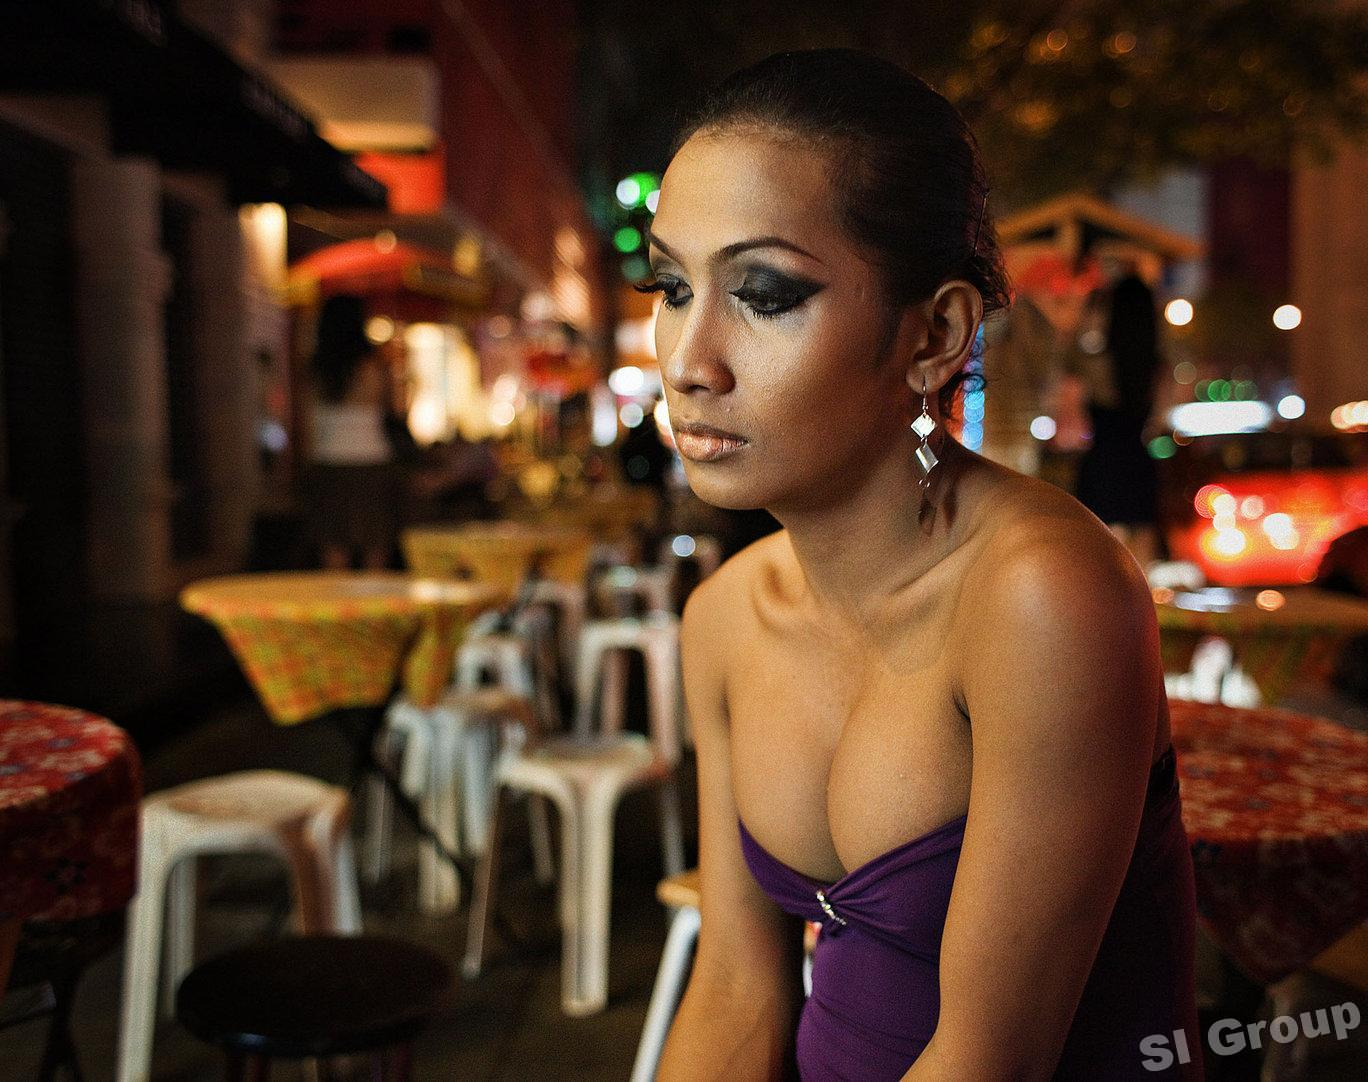 KatoeyLand - Thailand's Ladyboys